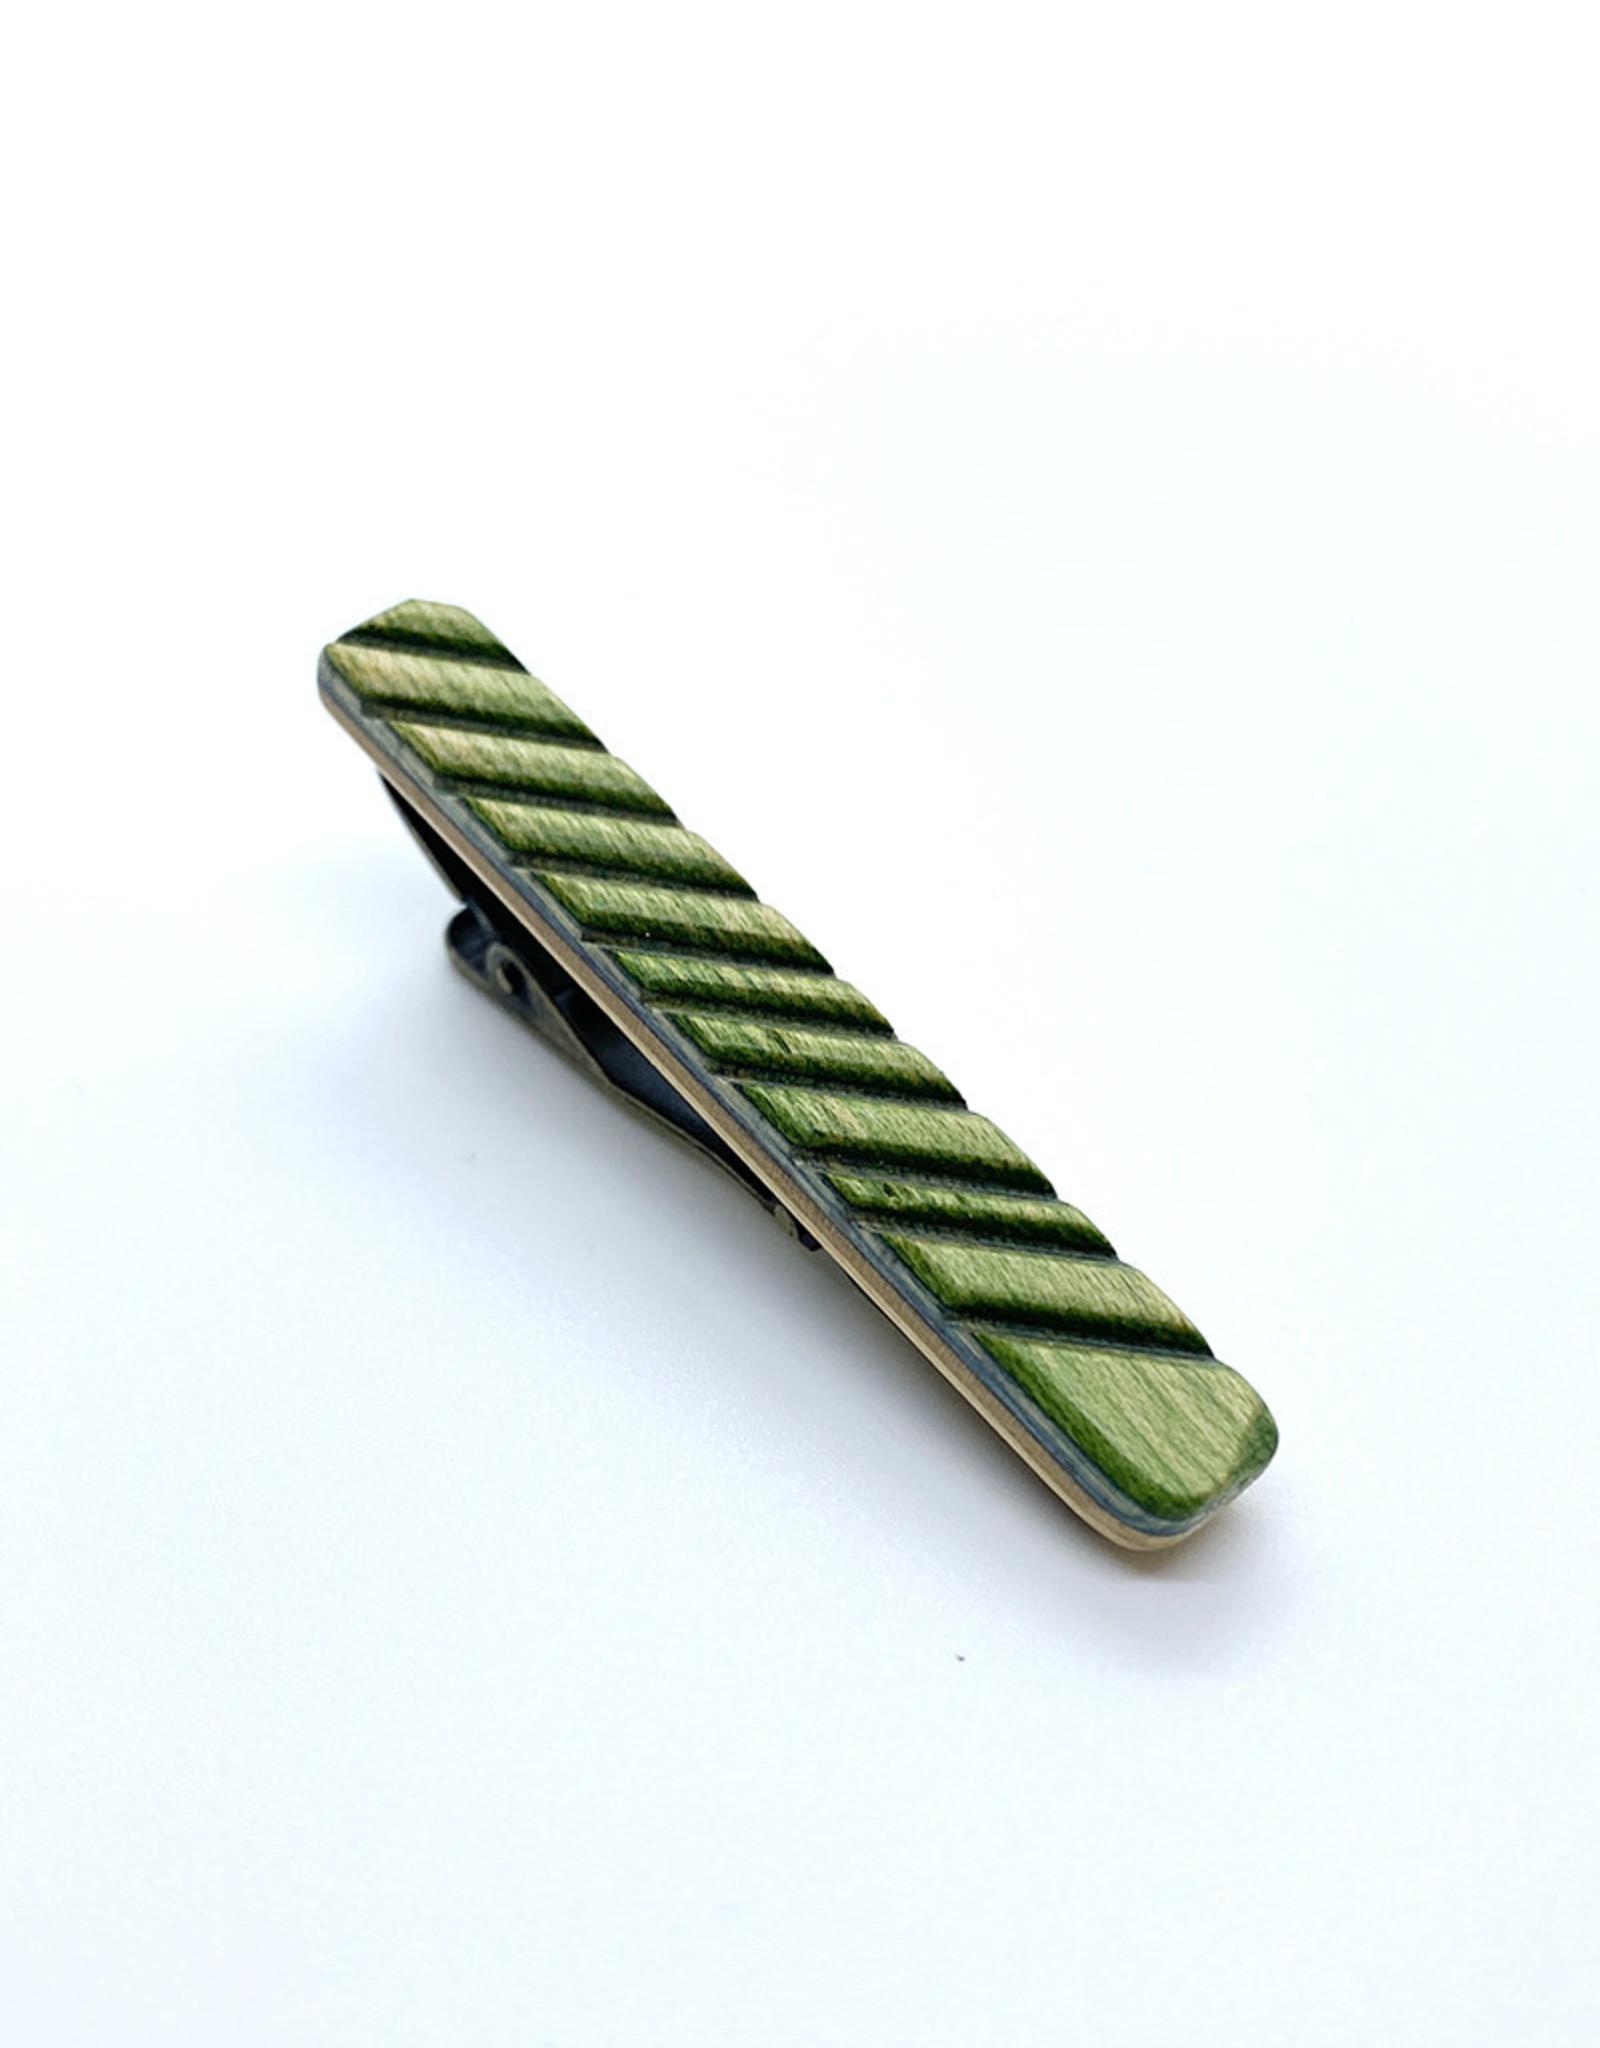 Barnside Breaks Skateboard Tie Bars by Barnside Breaks